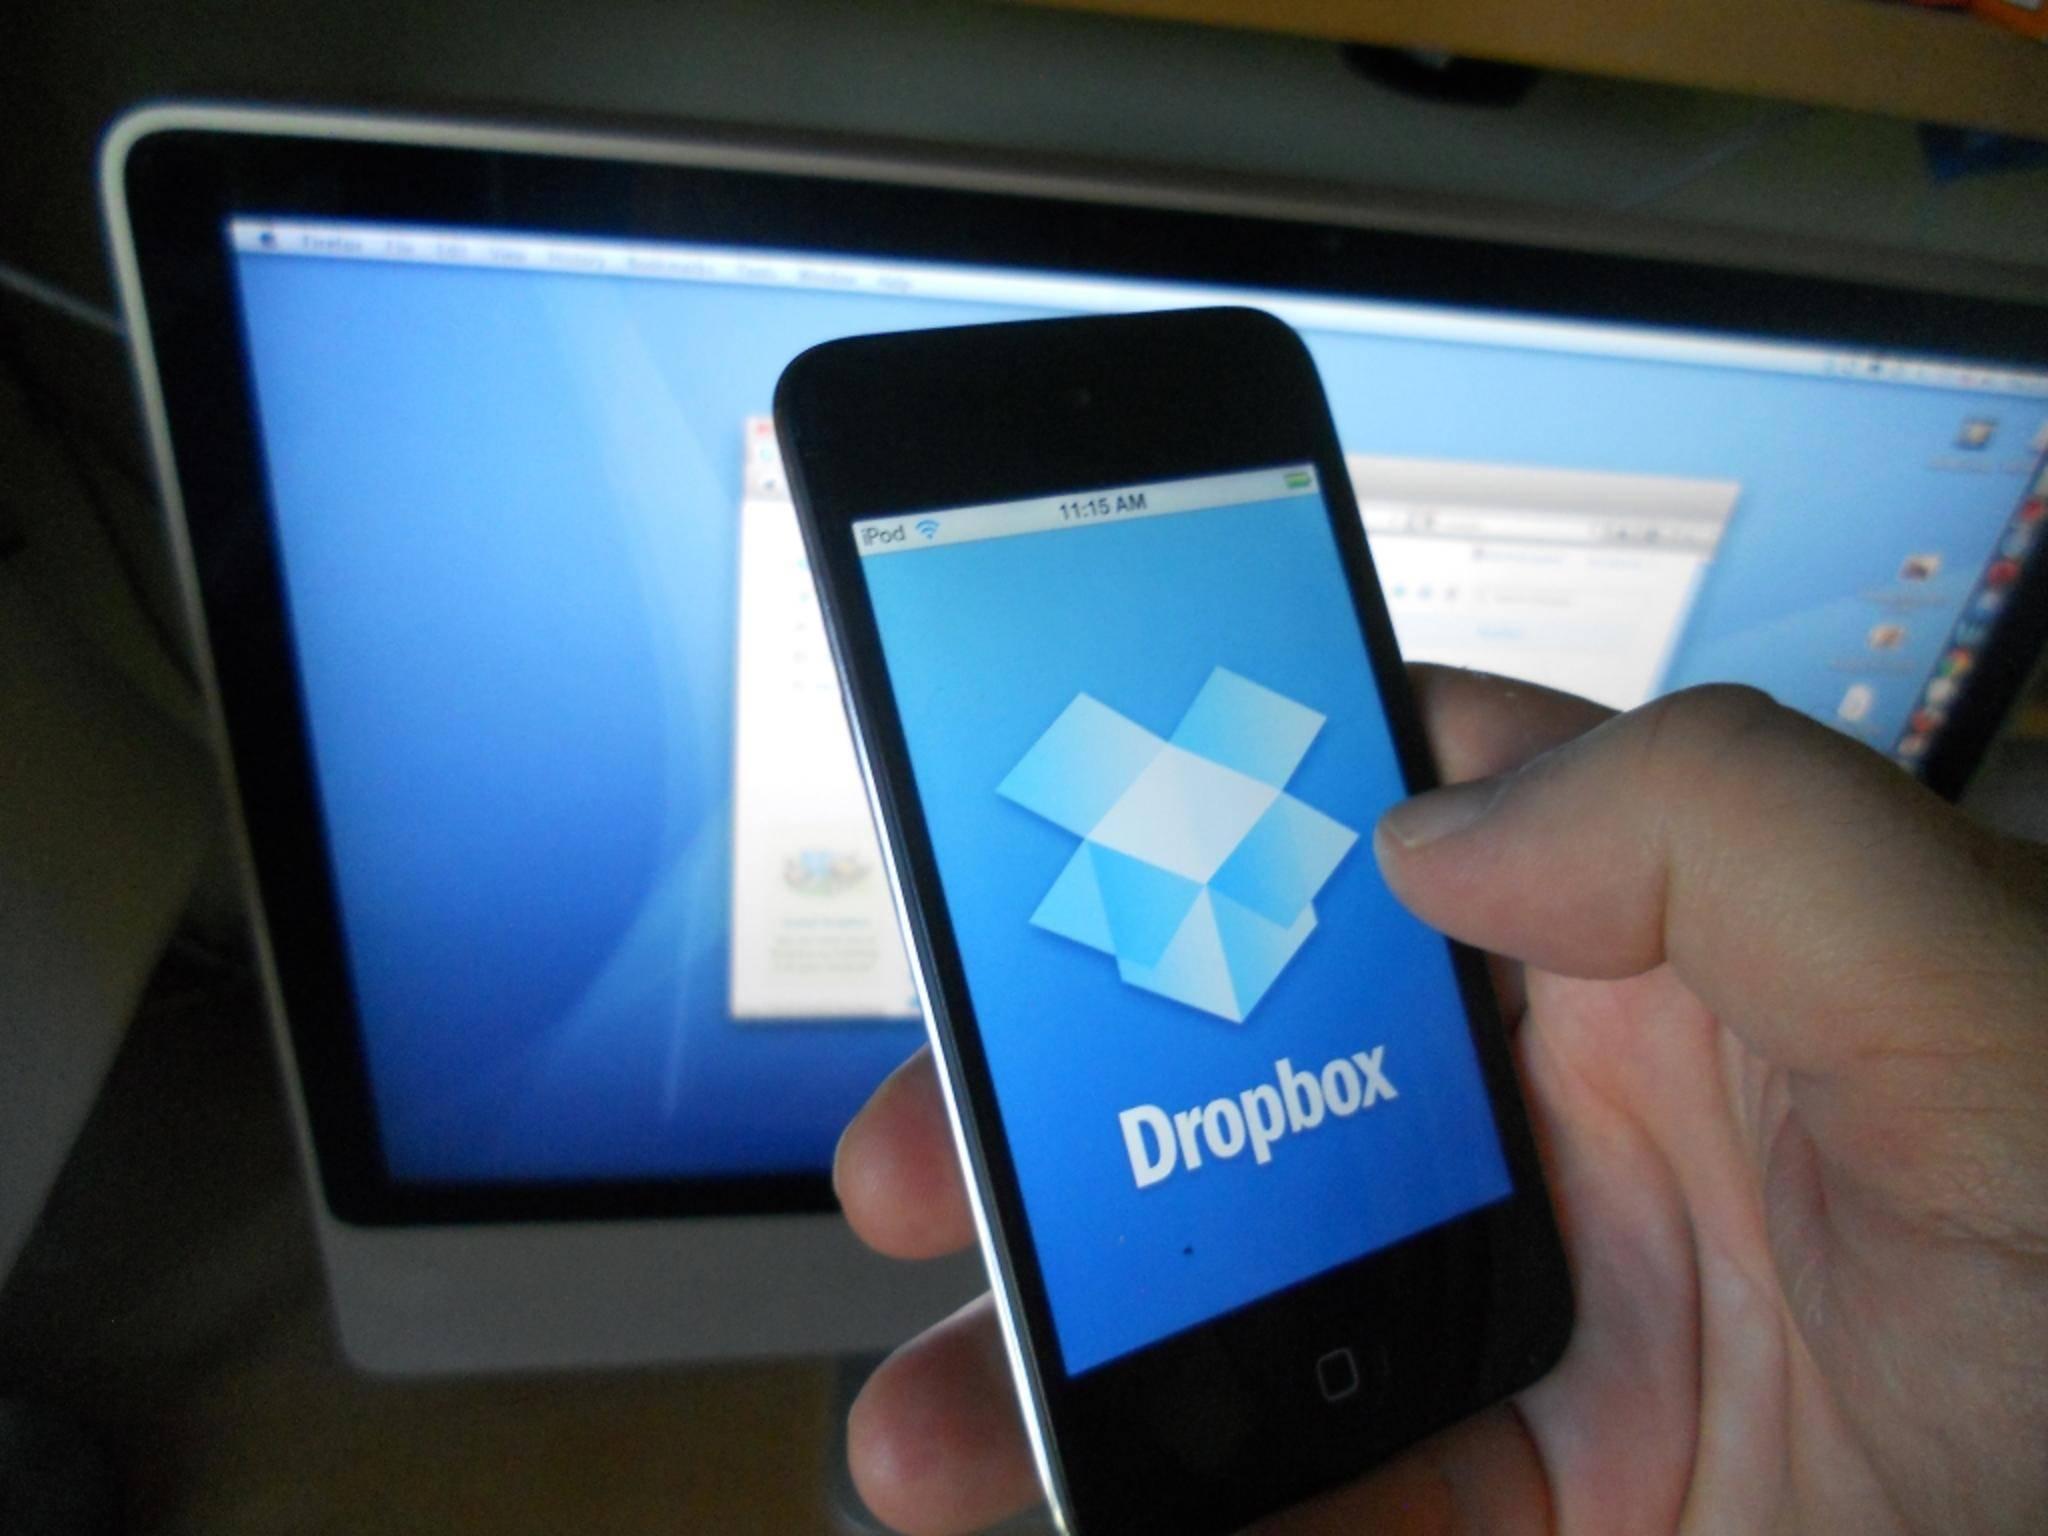 Ob auf dem Rechner oder mobil: Dropbox stellt Daten auf allen Geräten bereit.